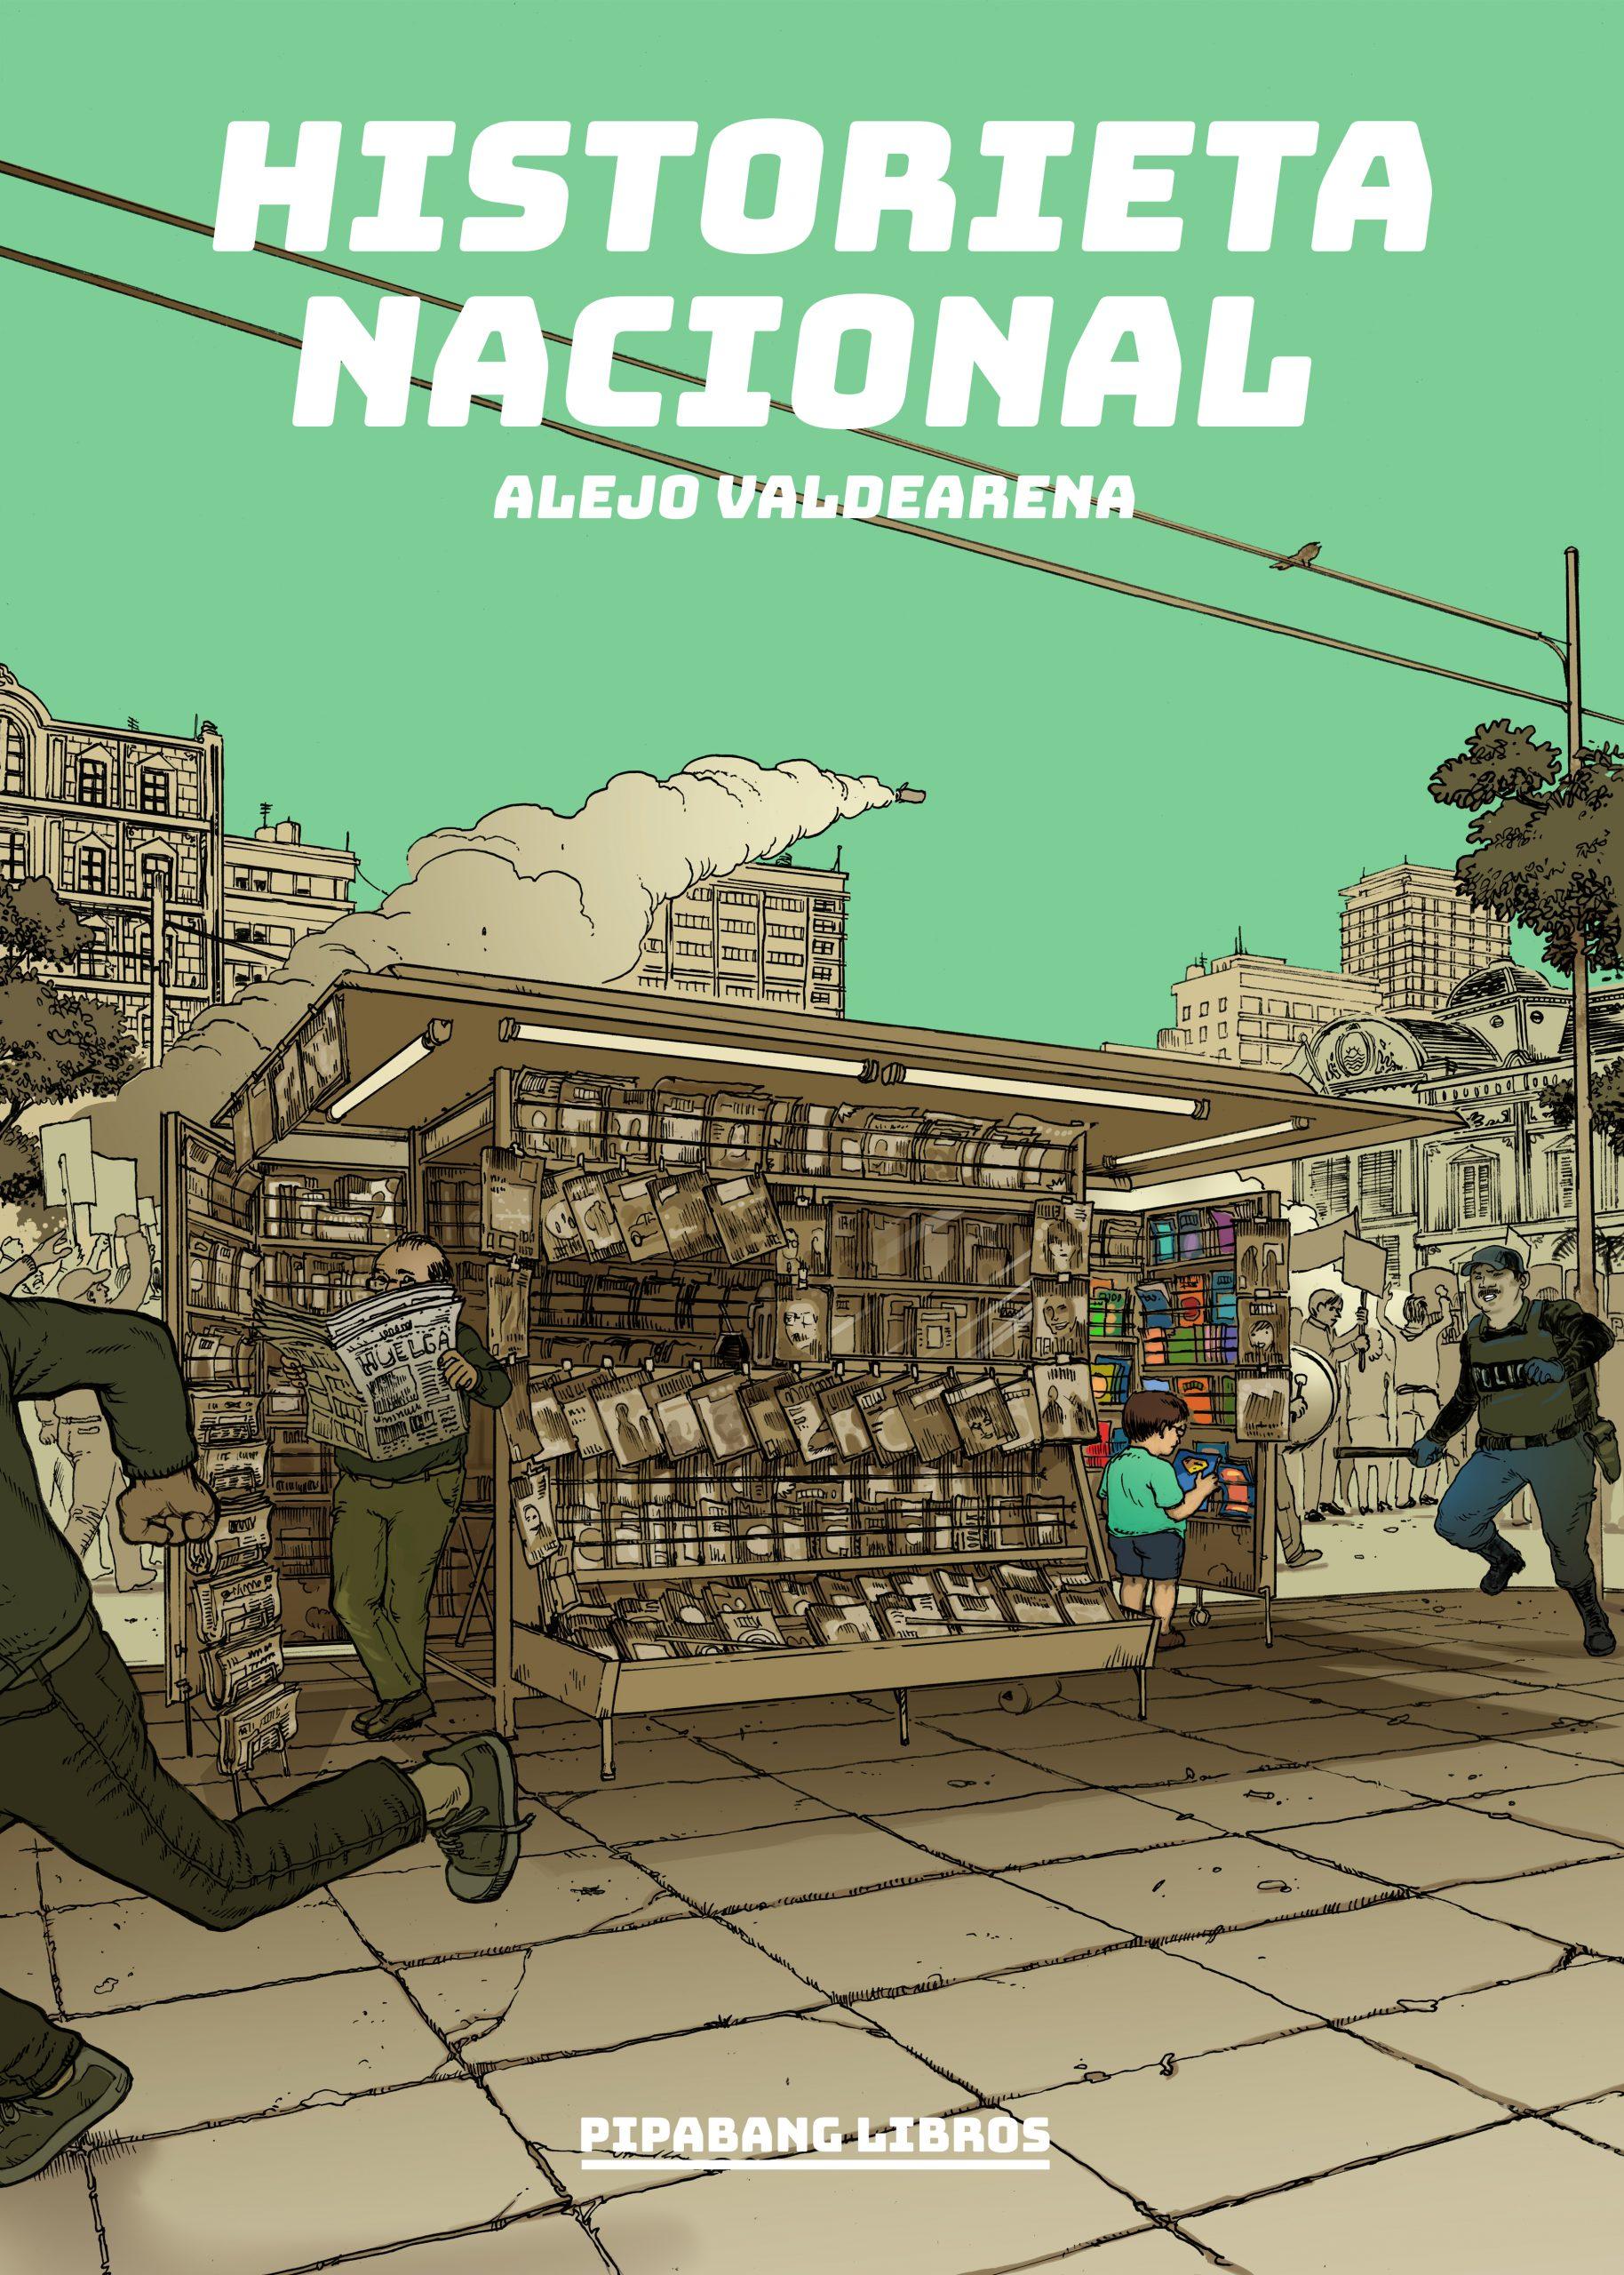 Portada de la novela HIstorieta nacional (de Alejo Valdearena)